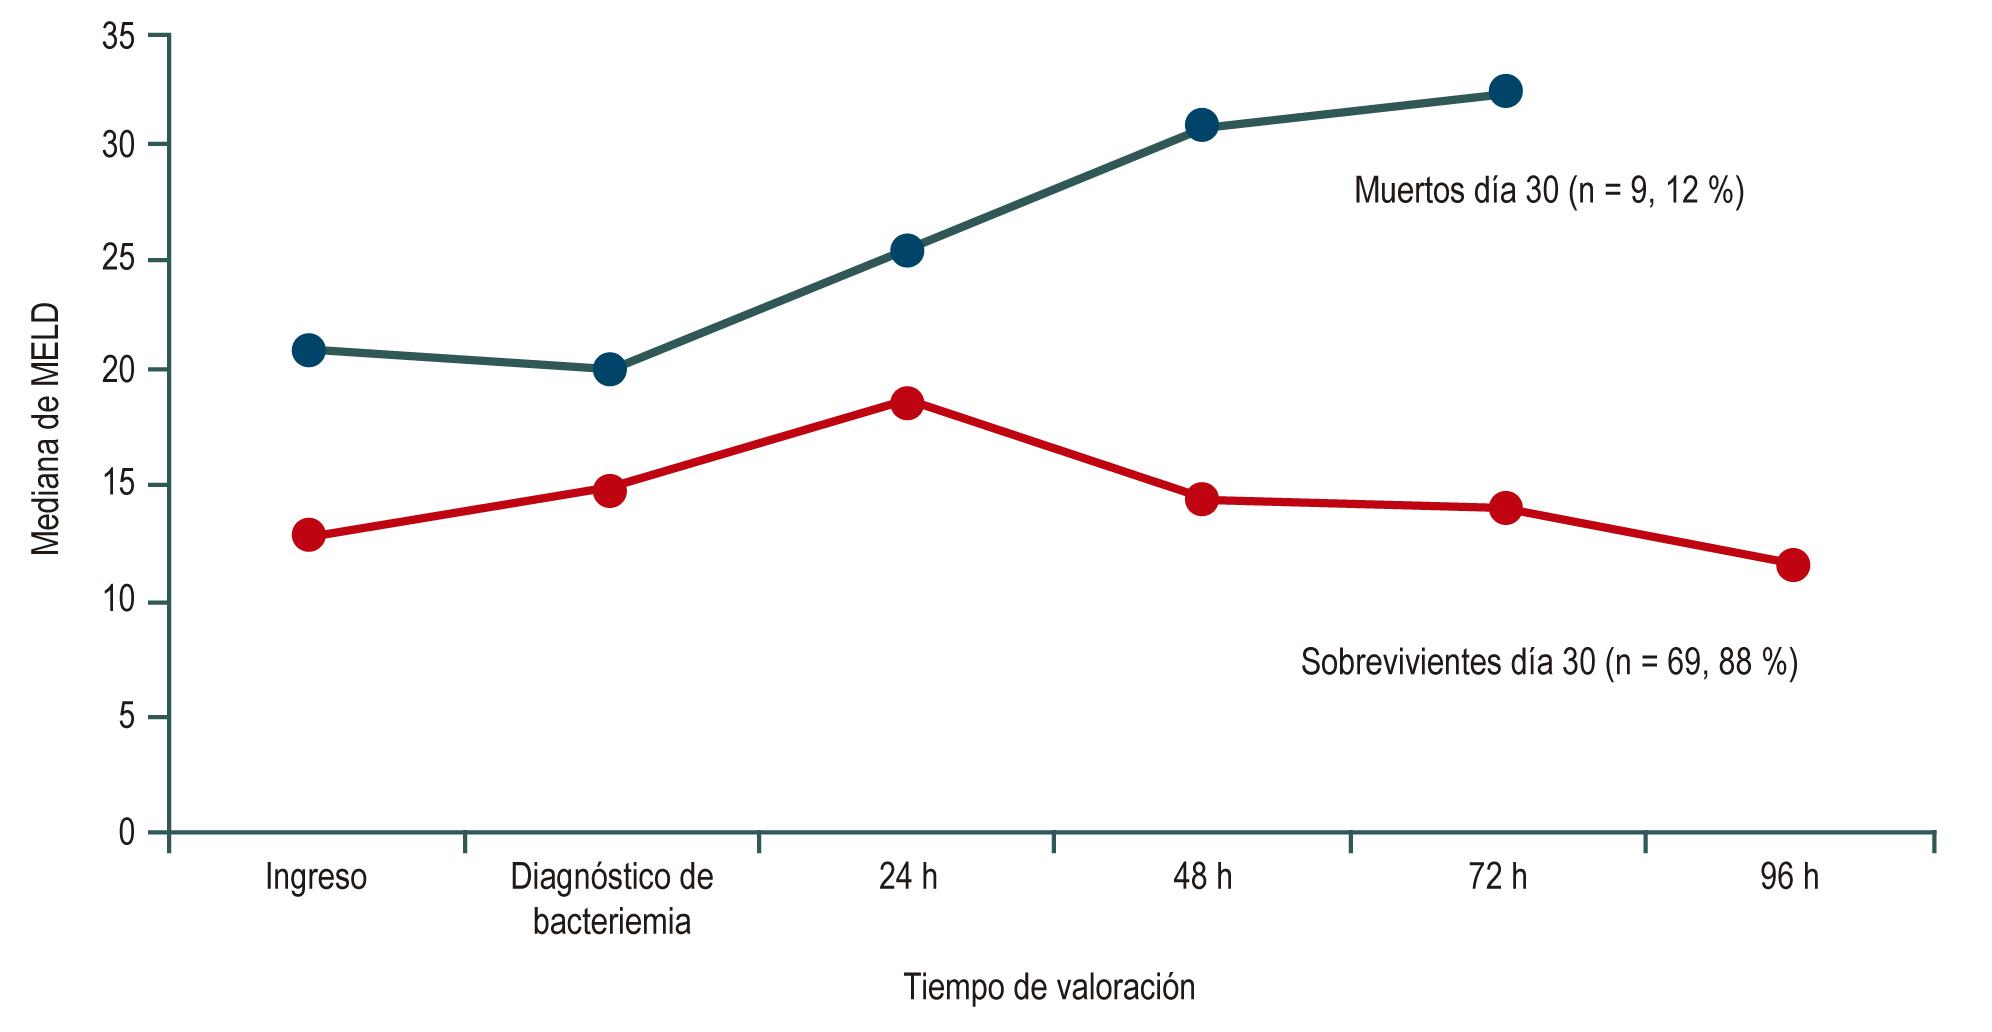 Figura 1. Patrón de la mediana en la puntuación MELD de pacientes cirróticos con bacteriemia desde el ingreso hospitalario en sobrevivientes (línea roja) y muertos (línea azul) a 30 días de haber ingresado.